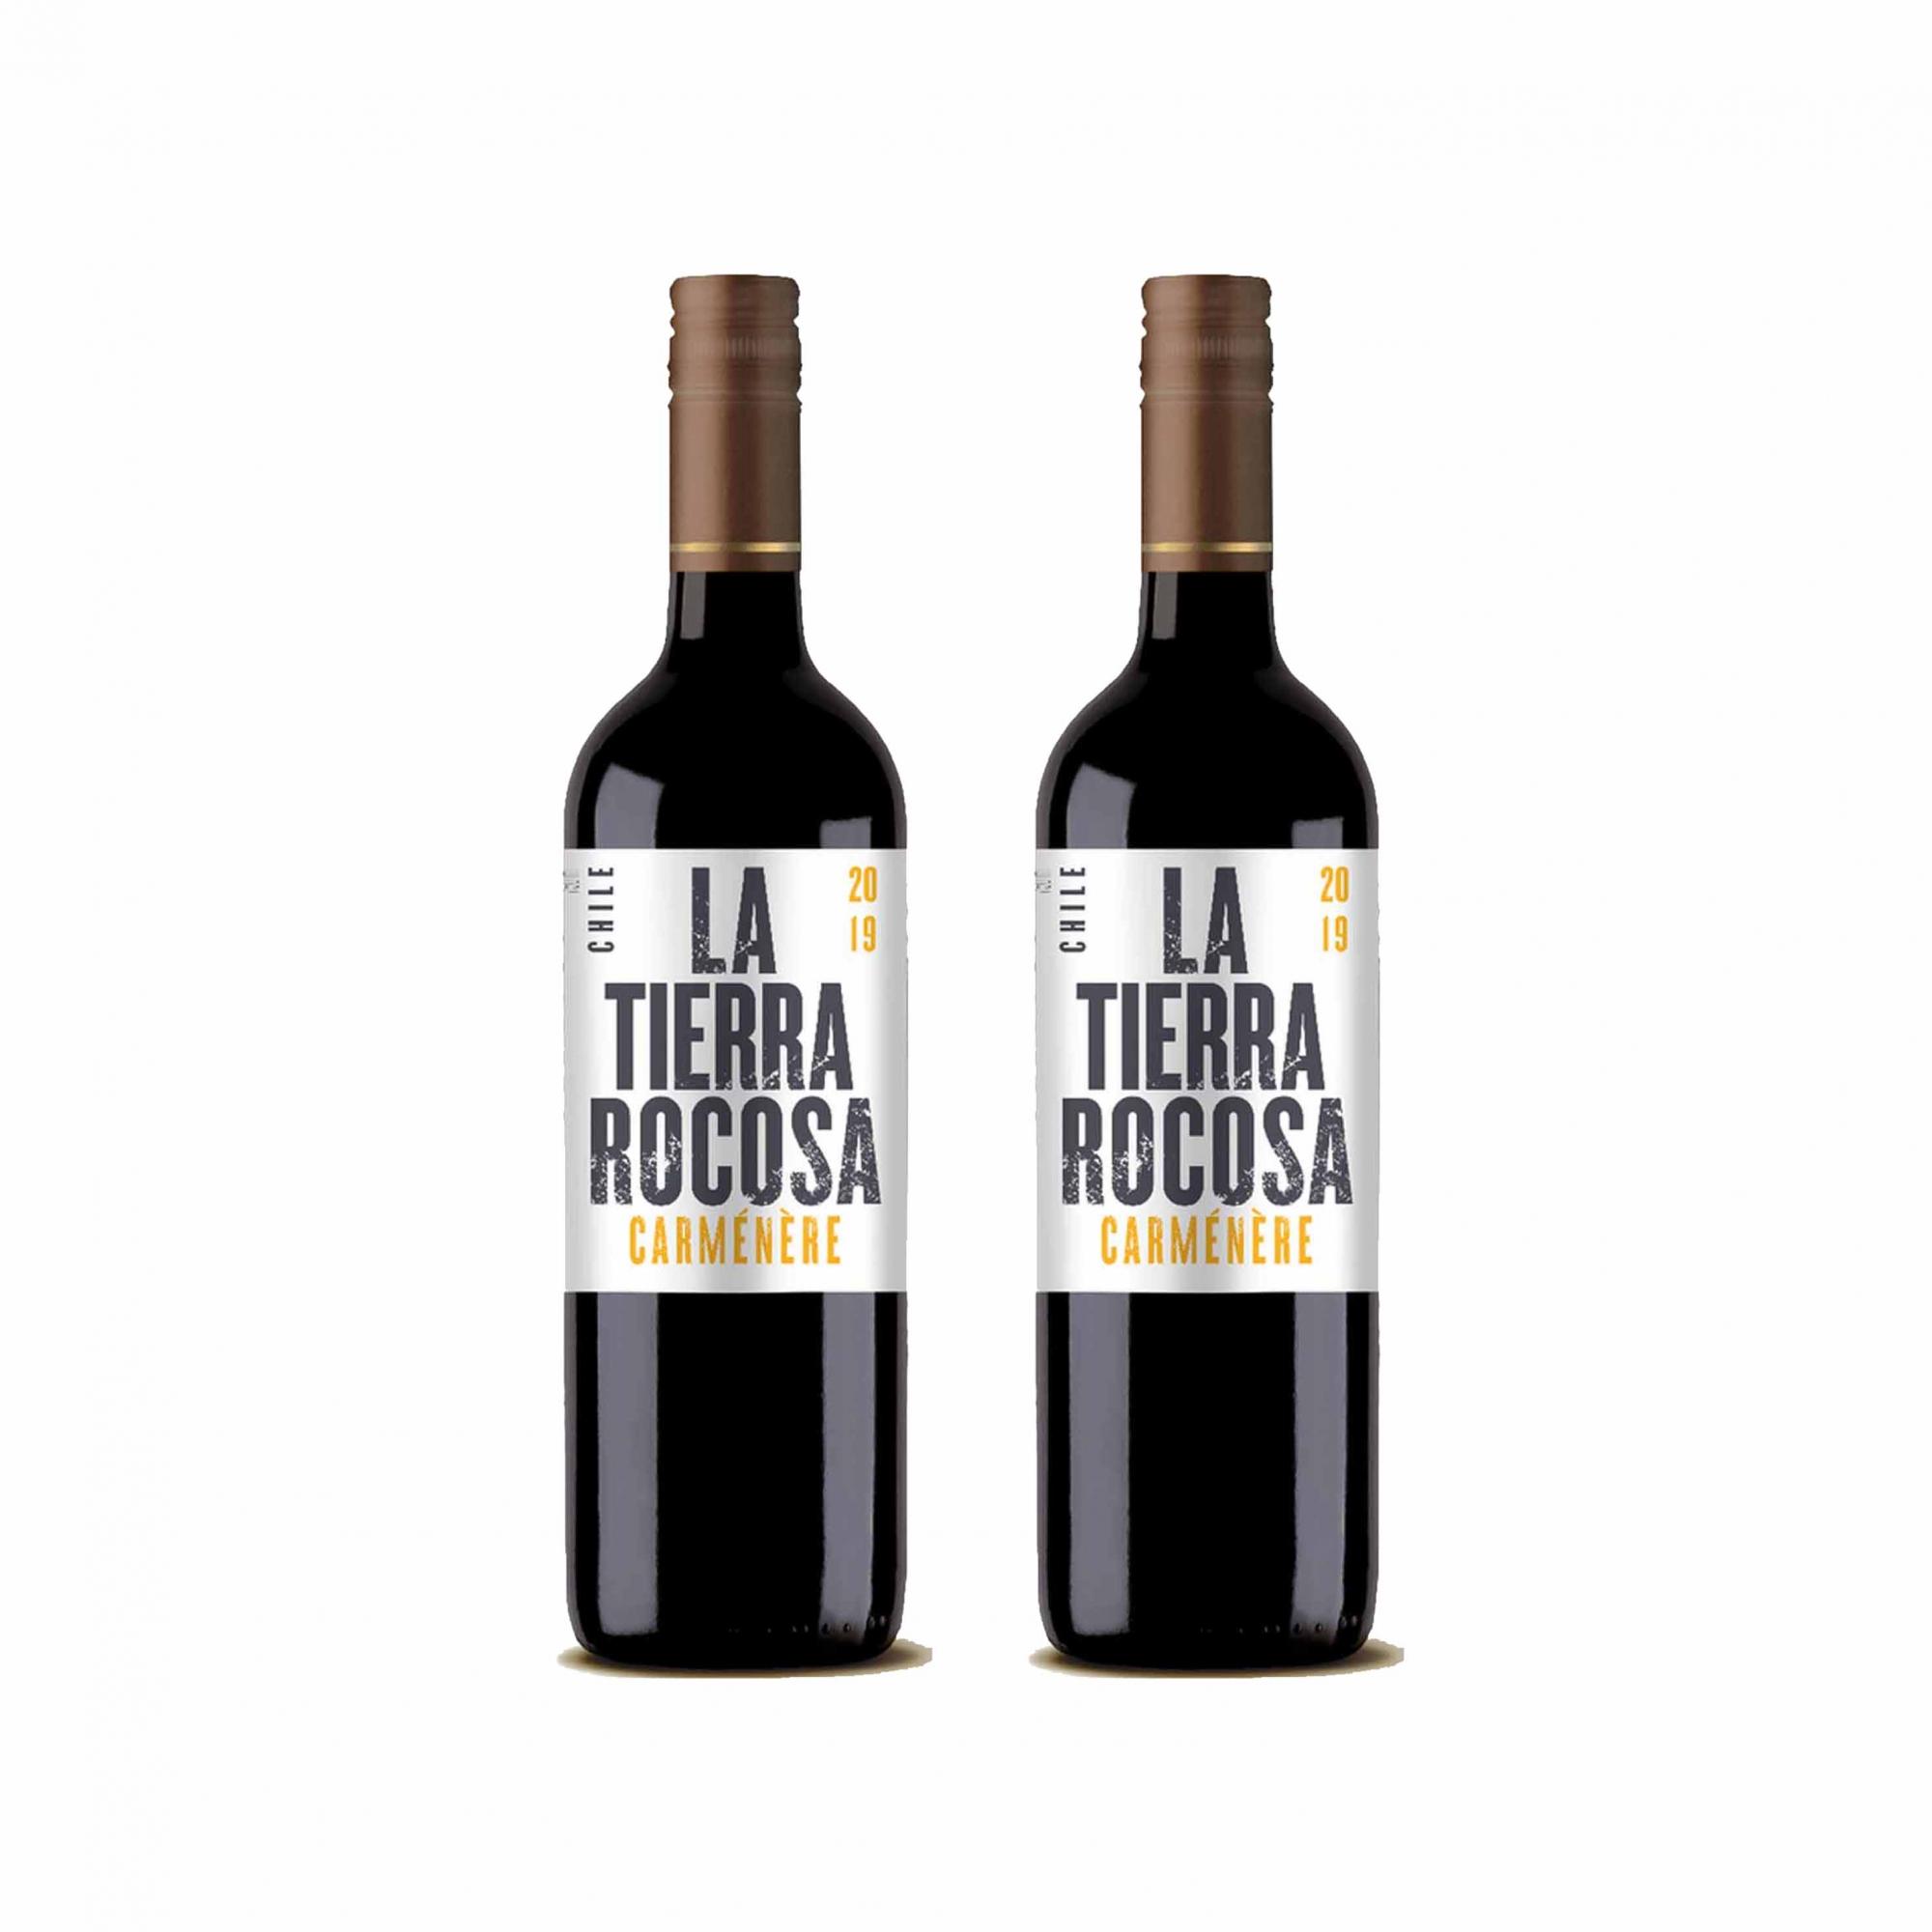 Kit 2x Vinho Tinto Chileno La Tierra Rocosa Camenere 2020